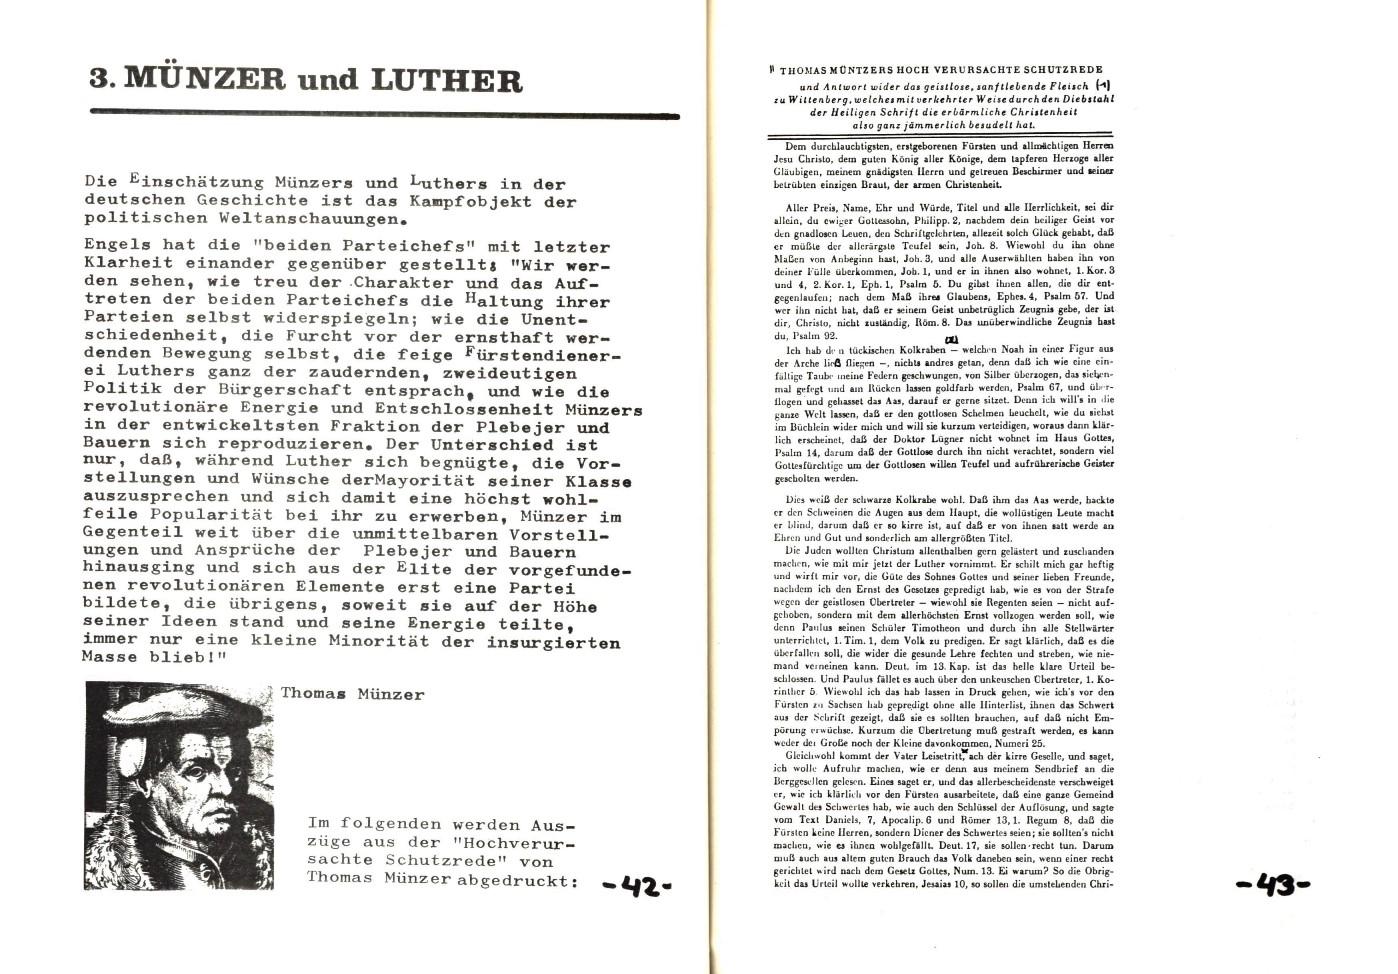 Berlin_KSV_1976_Wochenendseminare_Geschichte_01_22